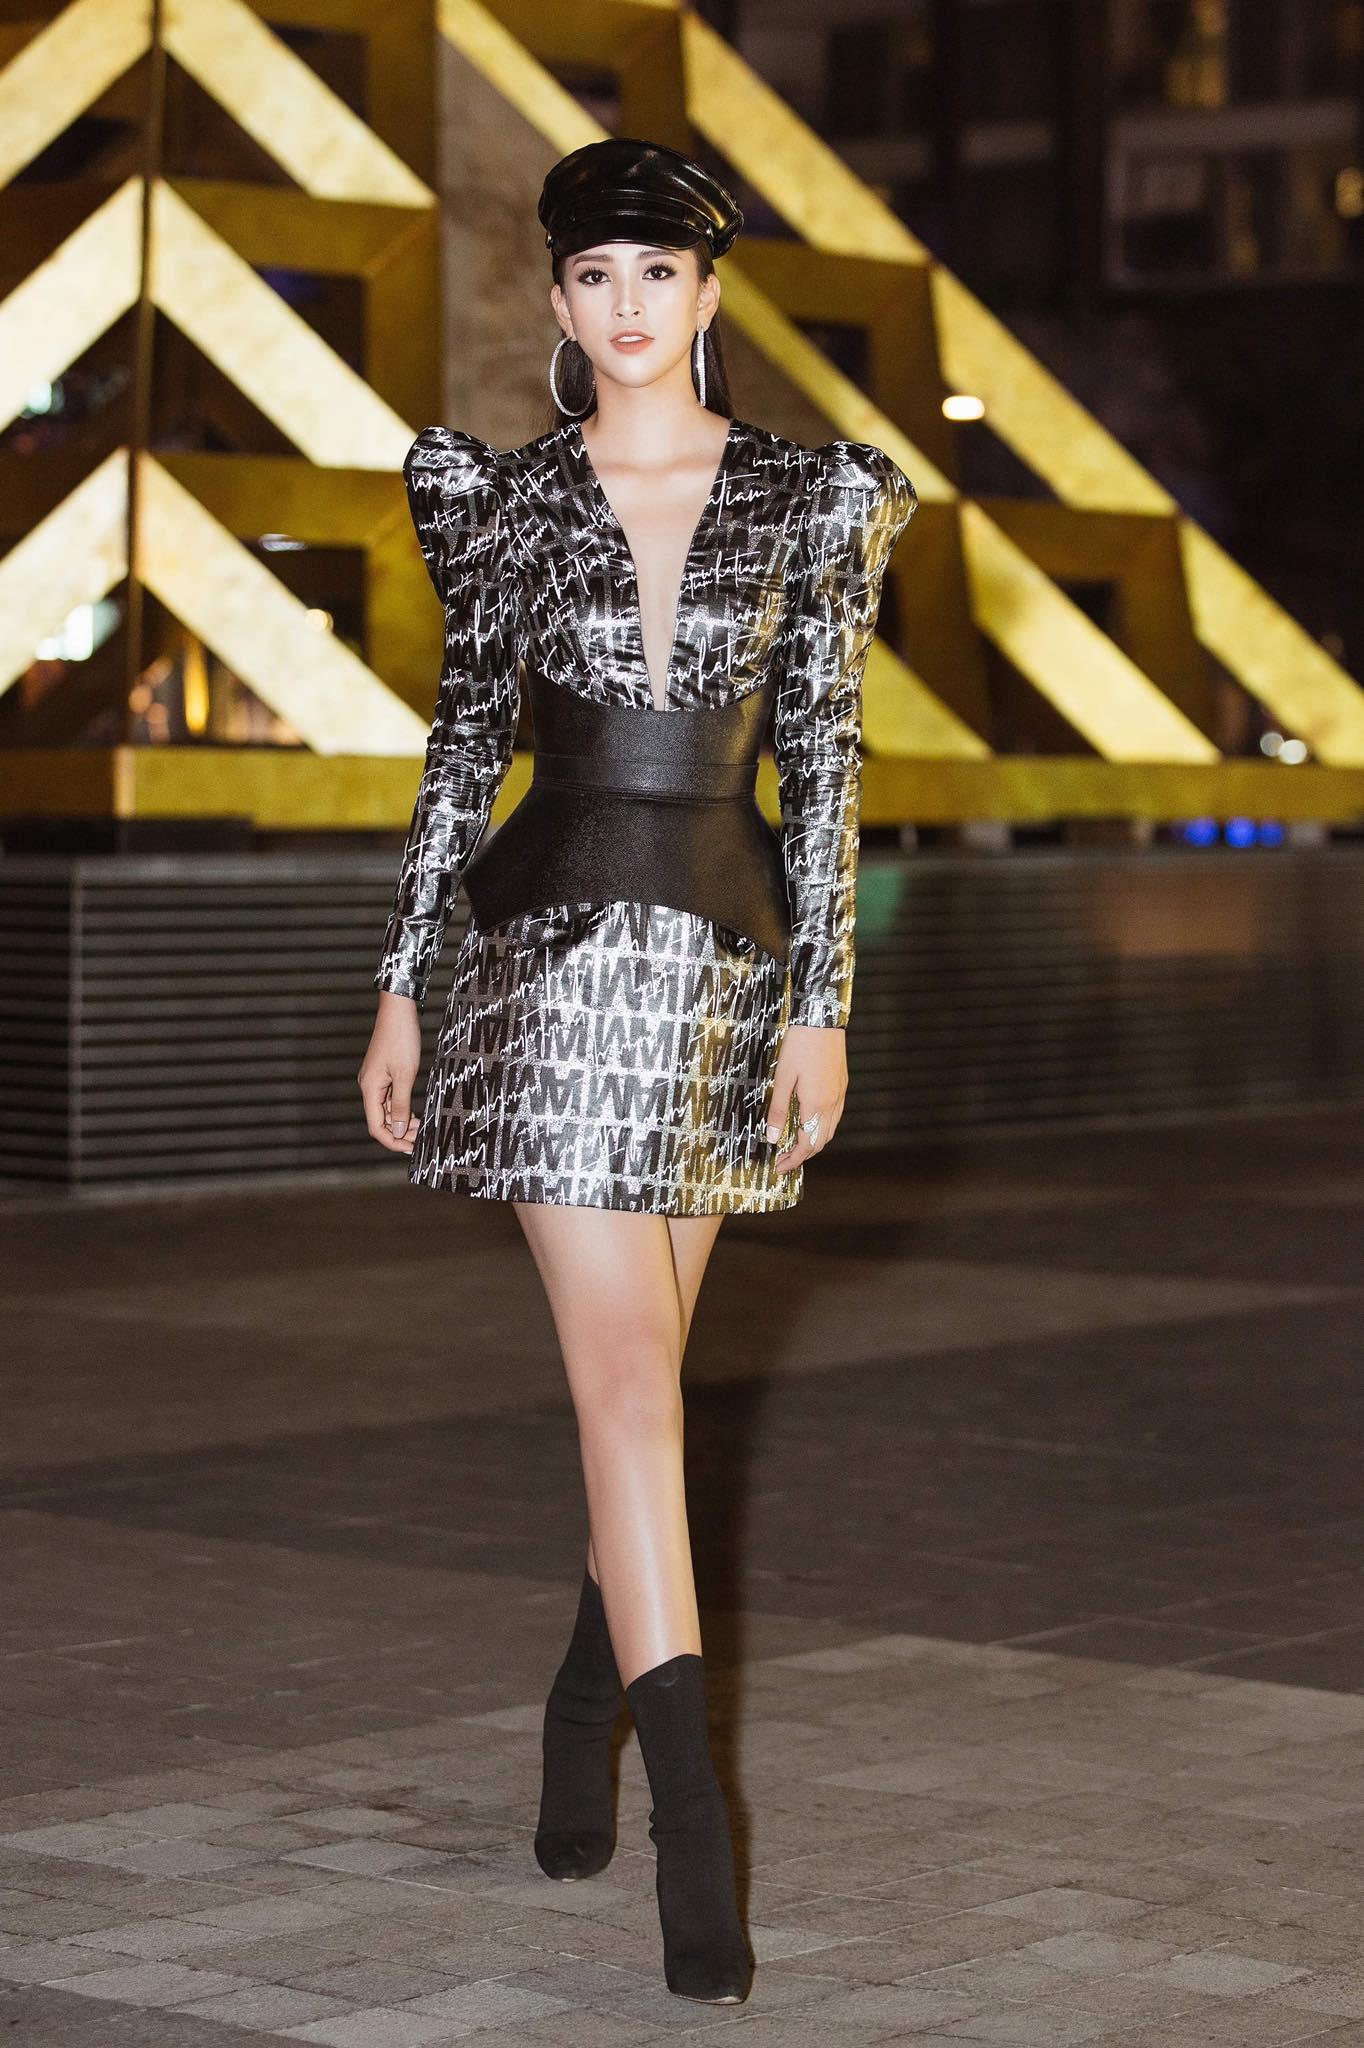 Phong cách thời trang của Tiểu Vy sau 1 năm đăng quang - Ảnh 8.